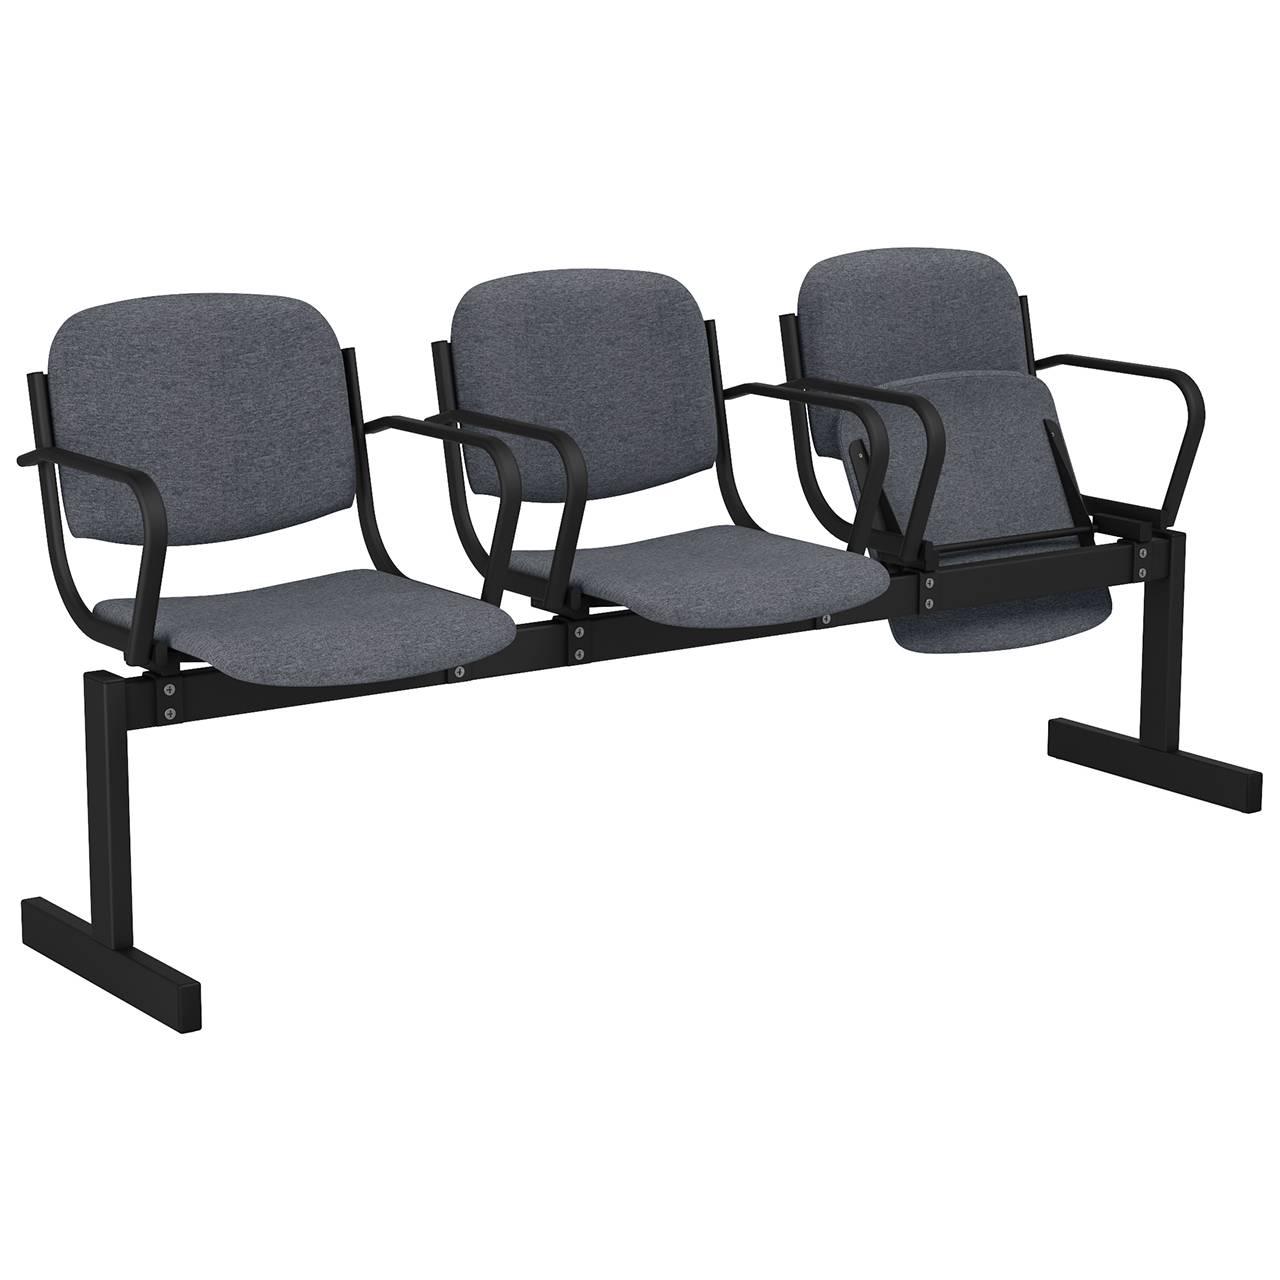 3-местный, откидывающиеся сиденья, мягкий, подлокотники черный серый Офисная ткань